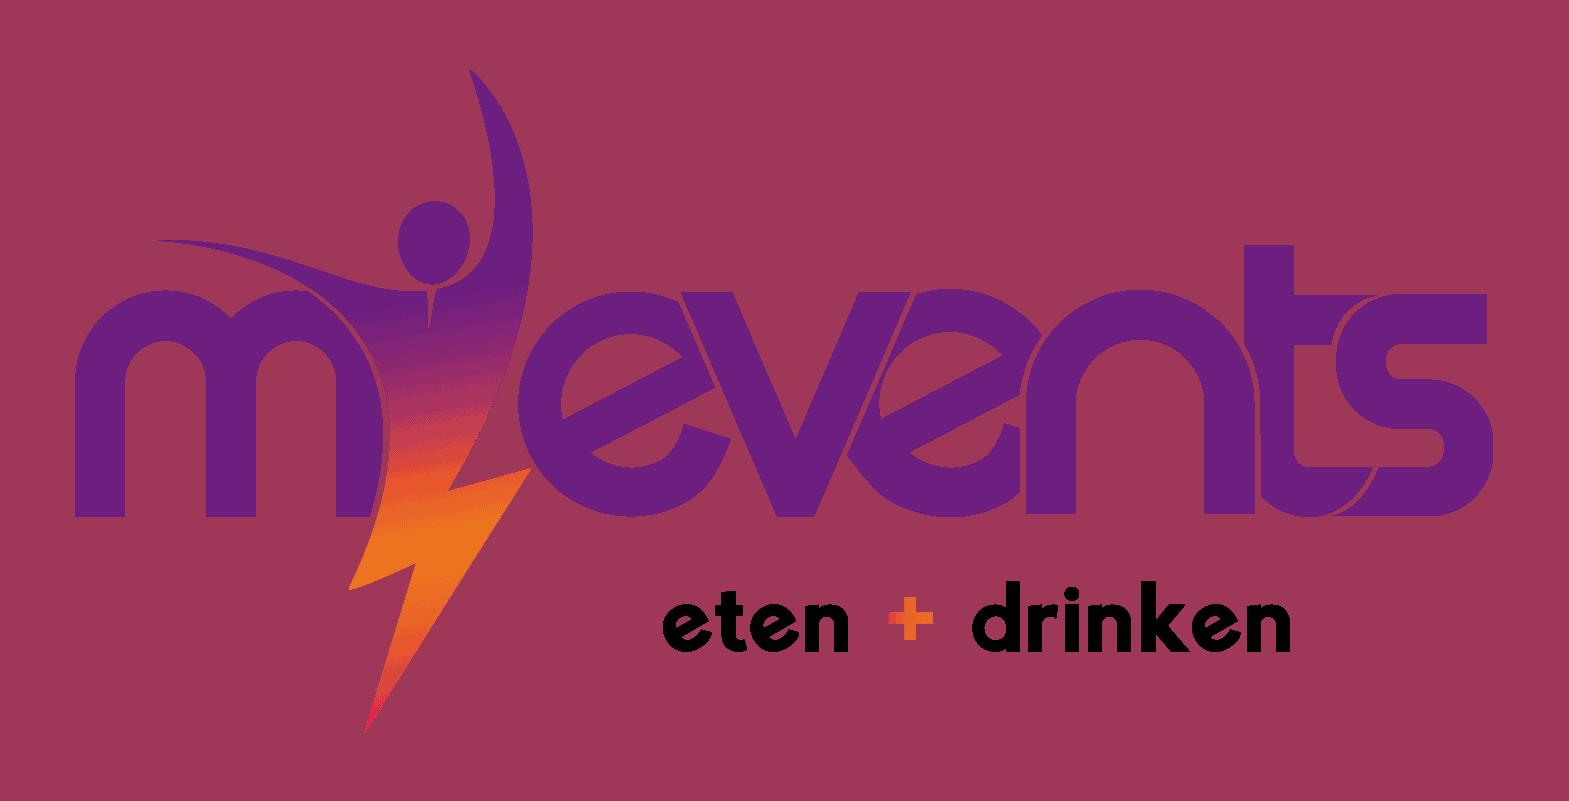 logo-eten+drinken